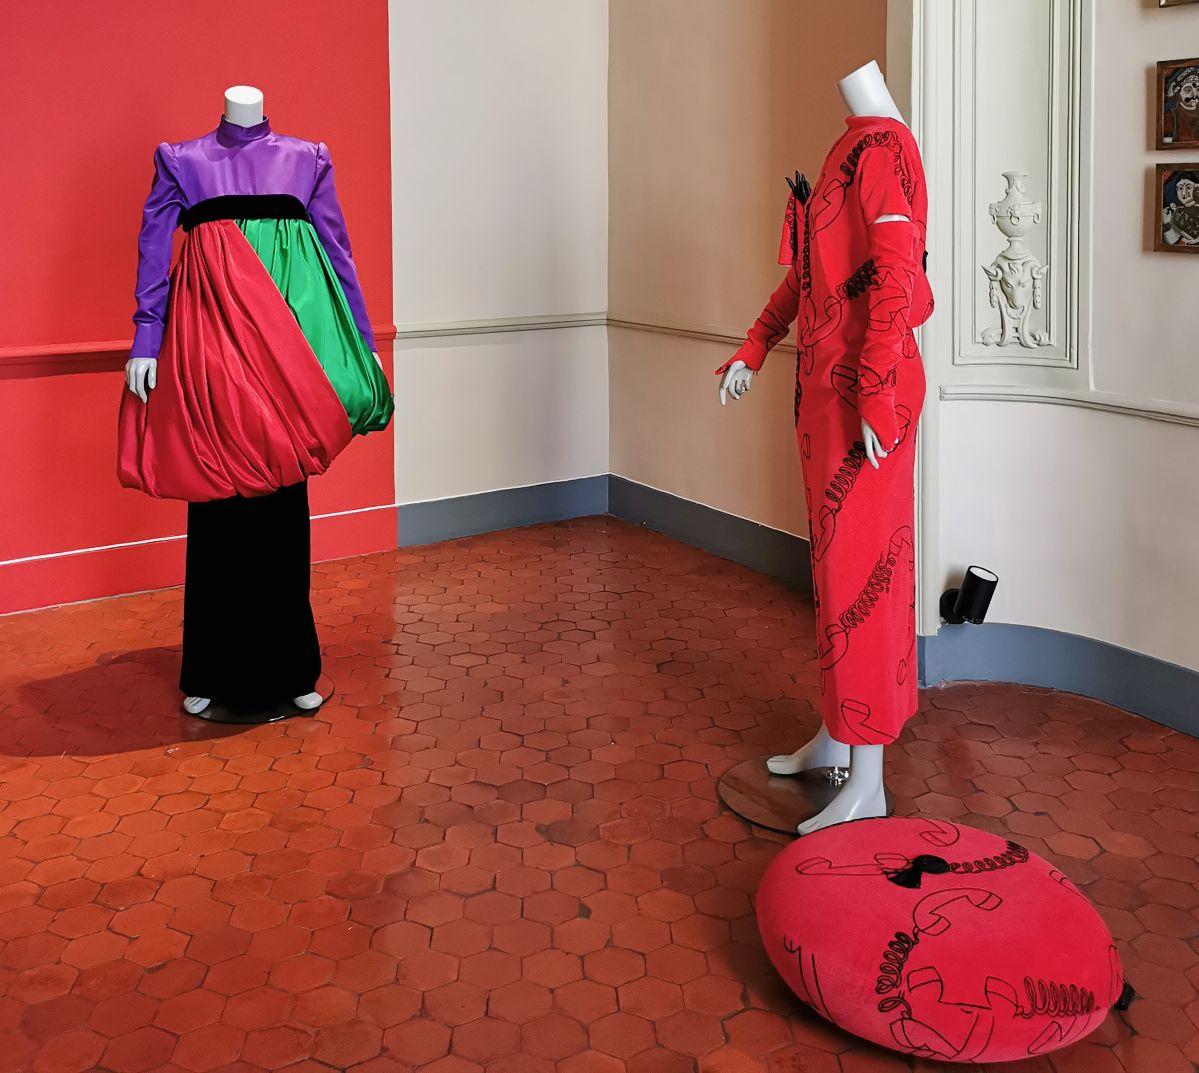 L'héritage surréaliste dans la mode au Château Borély - Chambre de LJD Borély